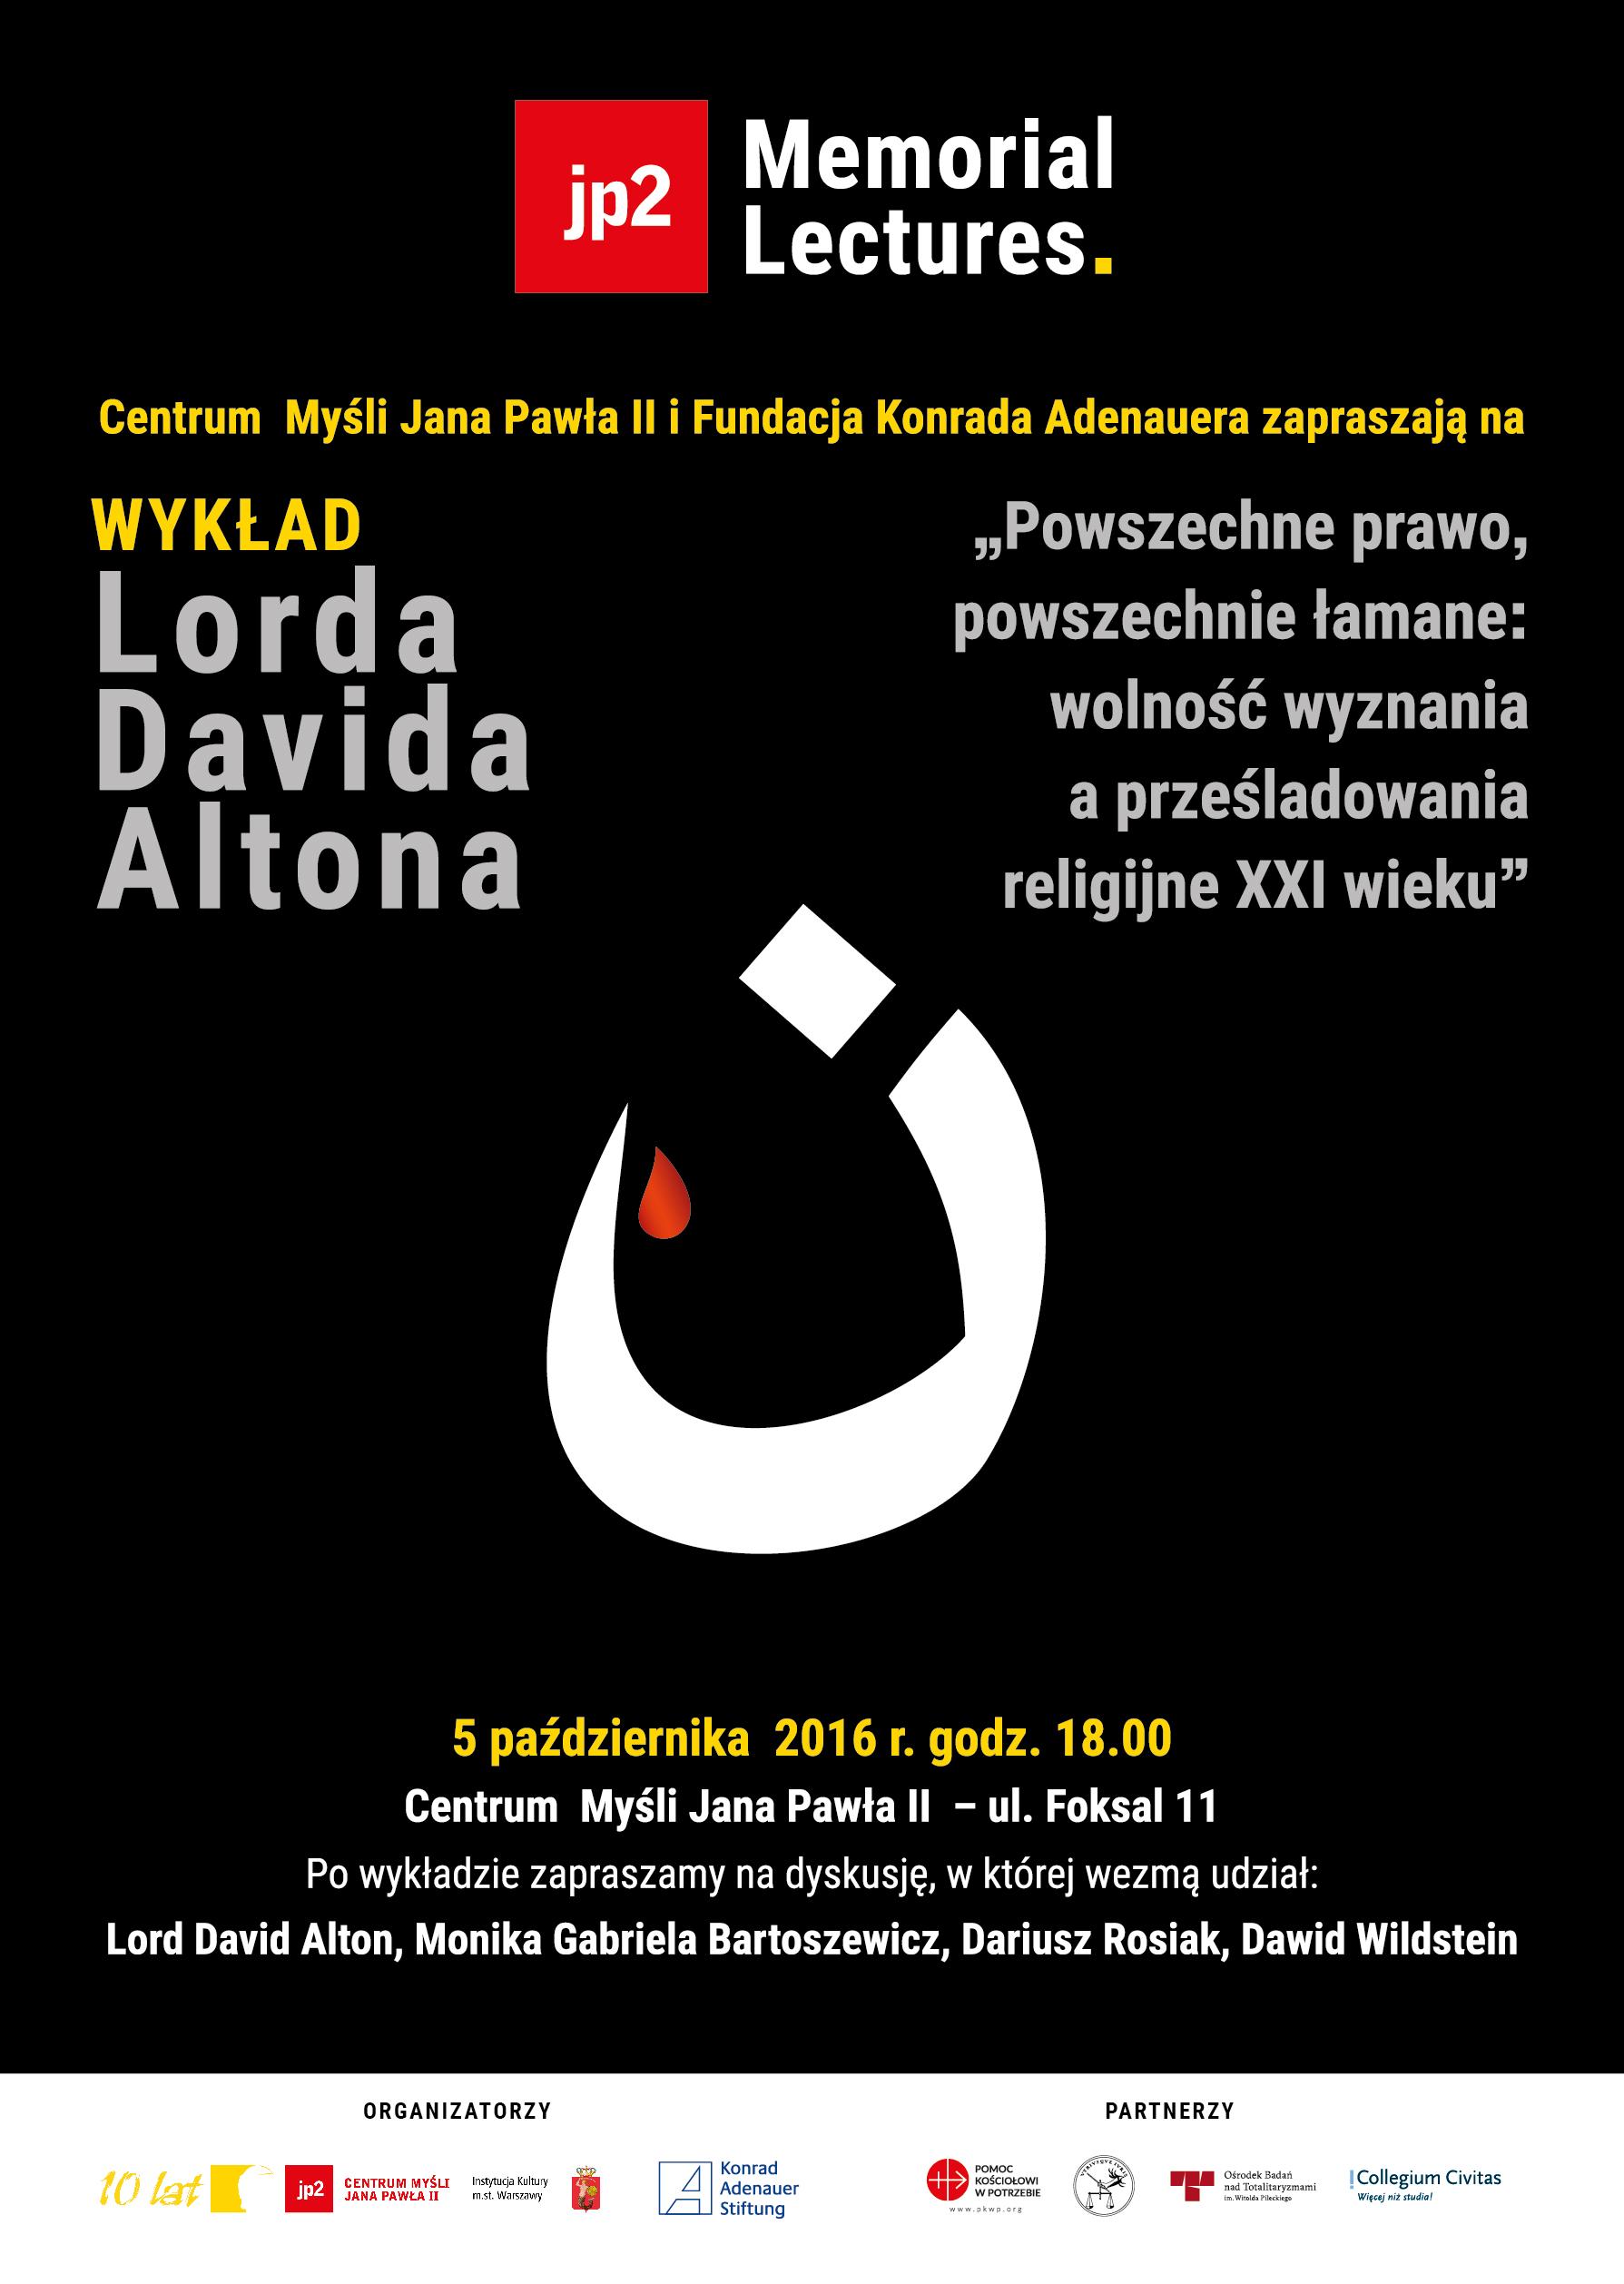 plakat_memorial_lectures